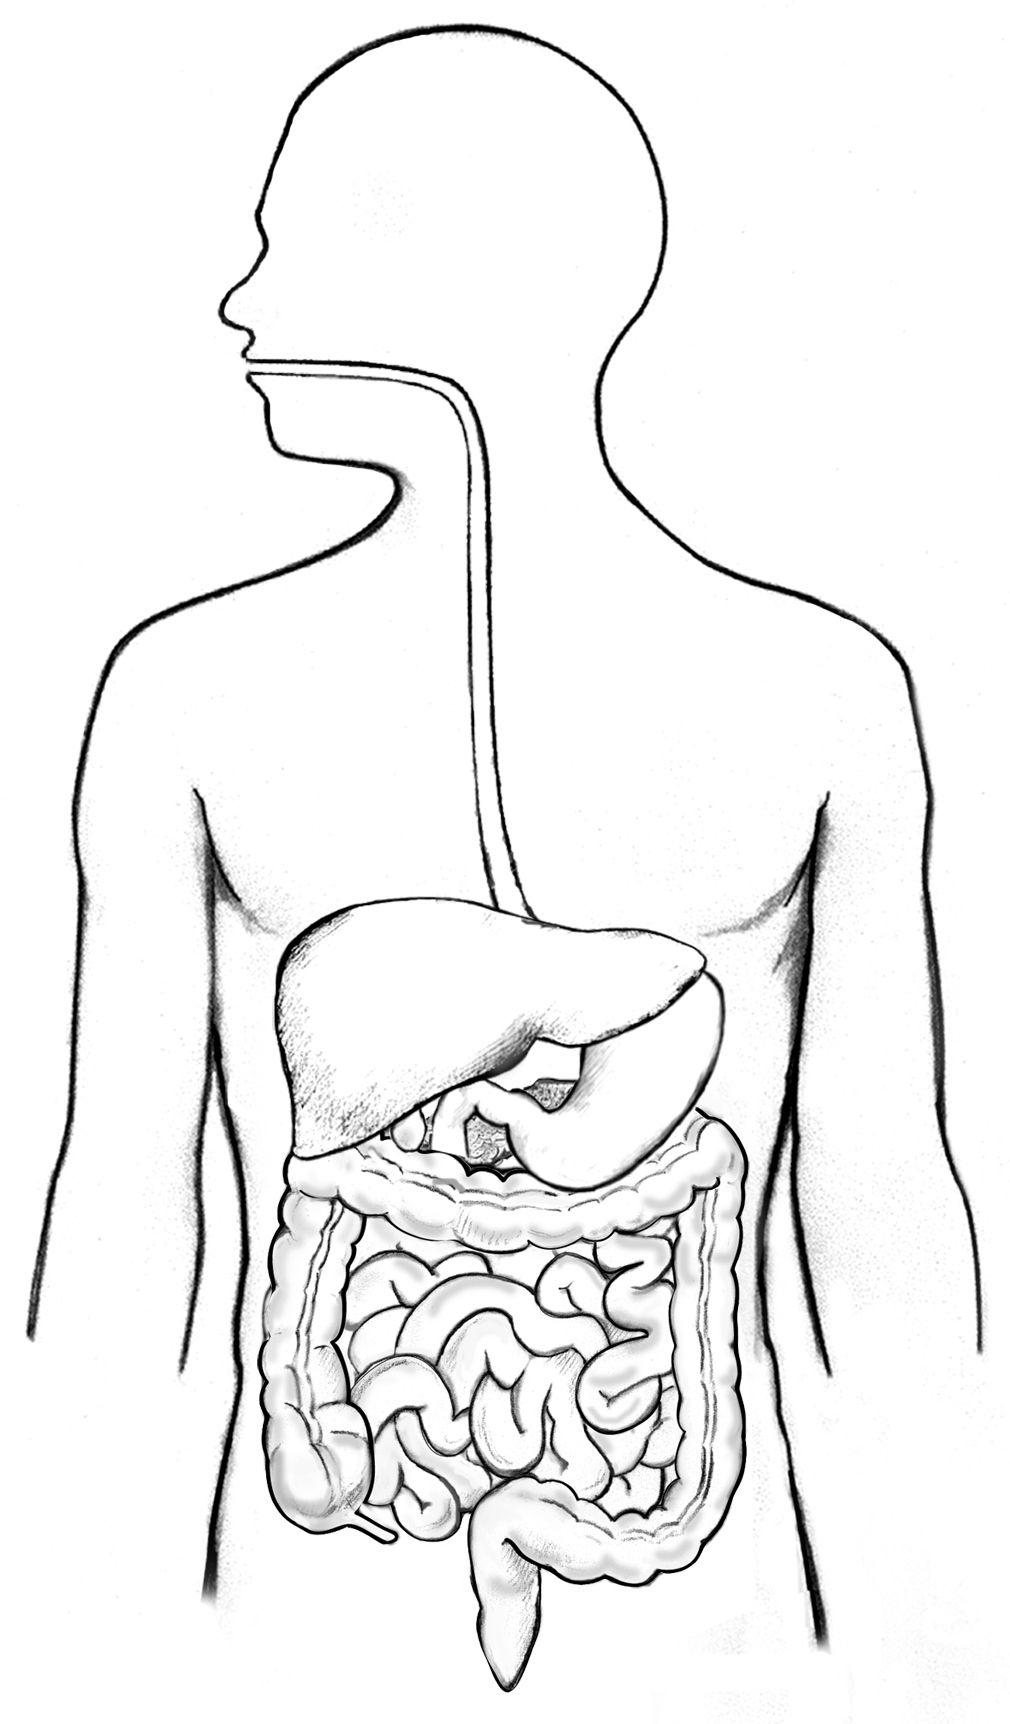 Image result for human digestive system unlabelled diagram ...